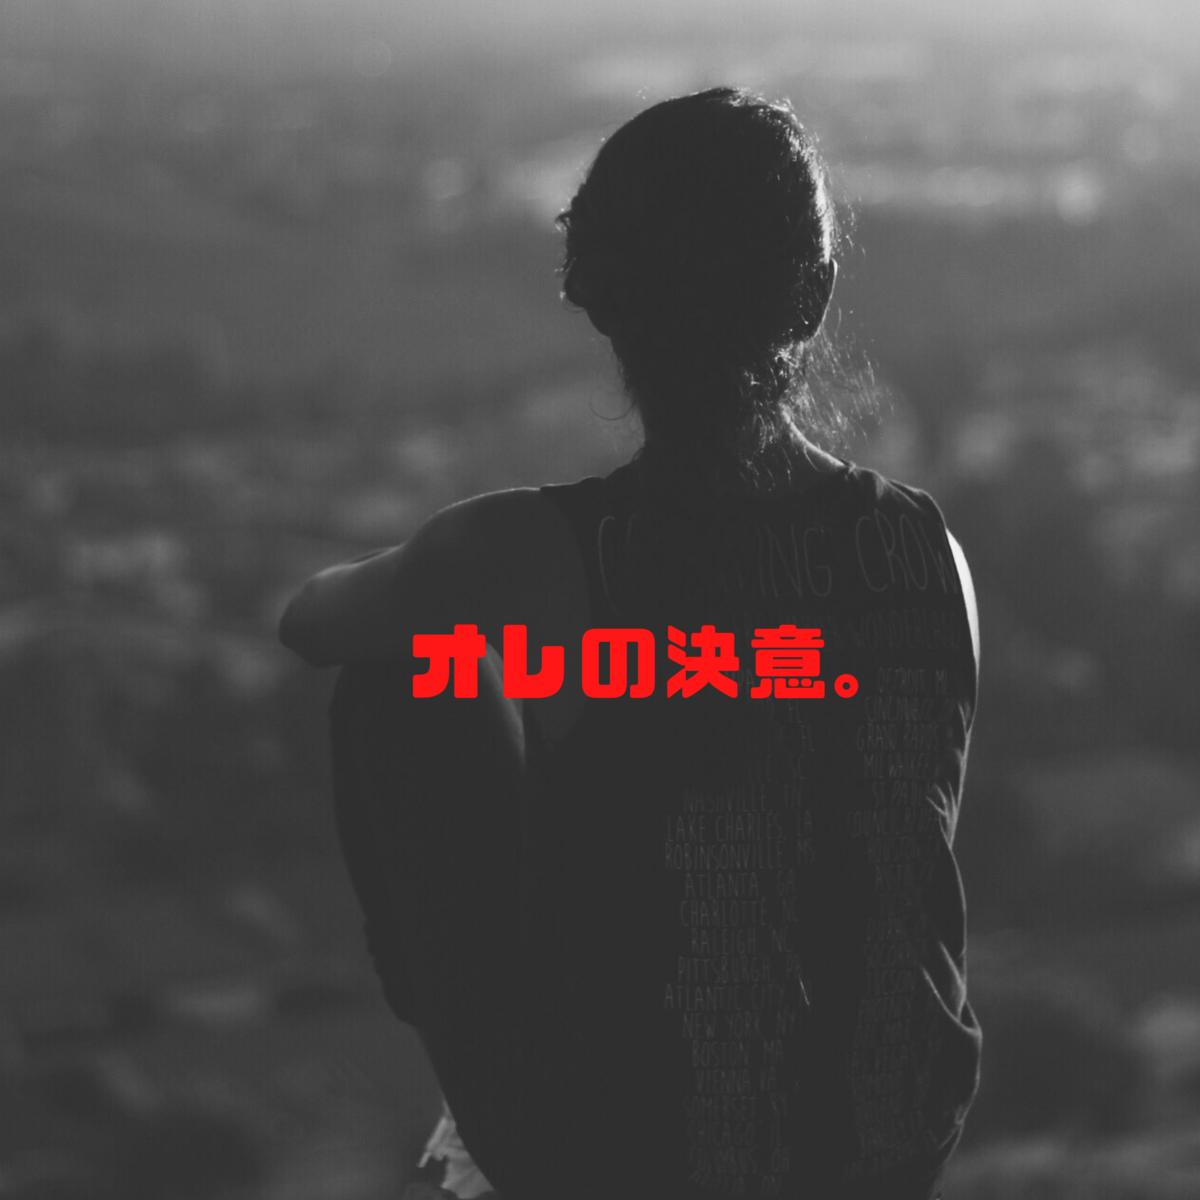 f:id:hanamaru00kun:20200811191401p:plain